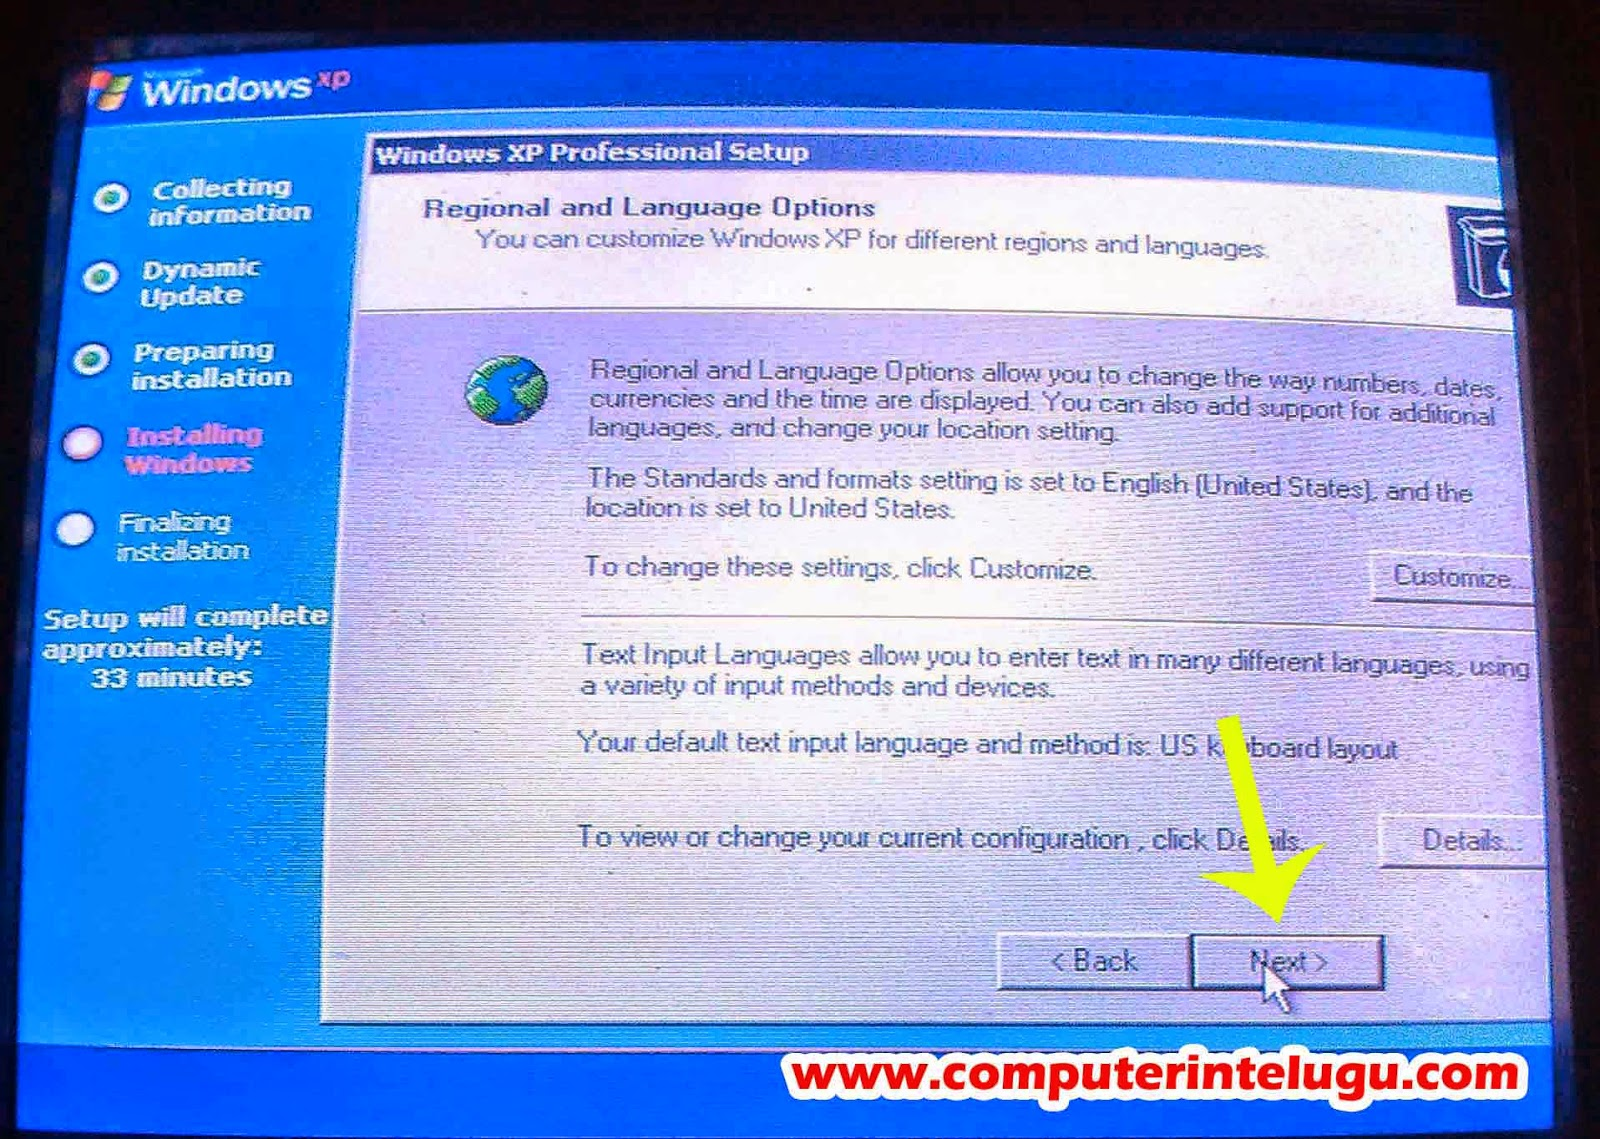 computer in telugu